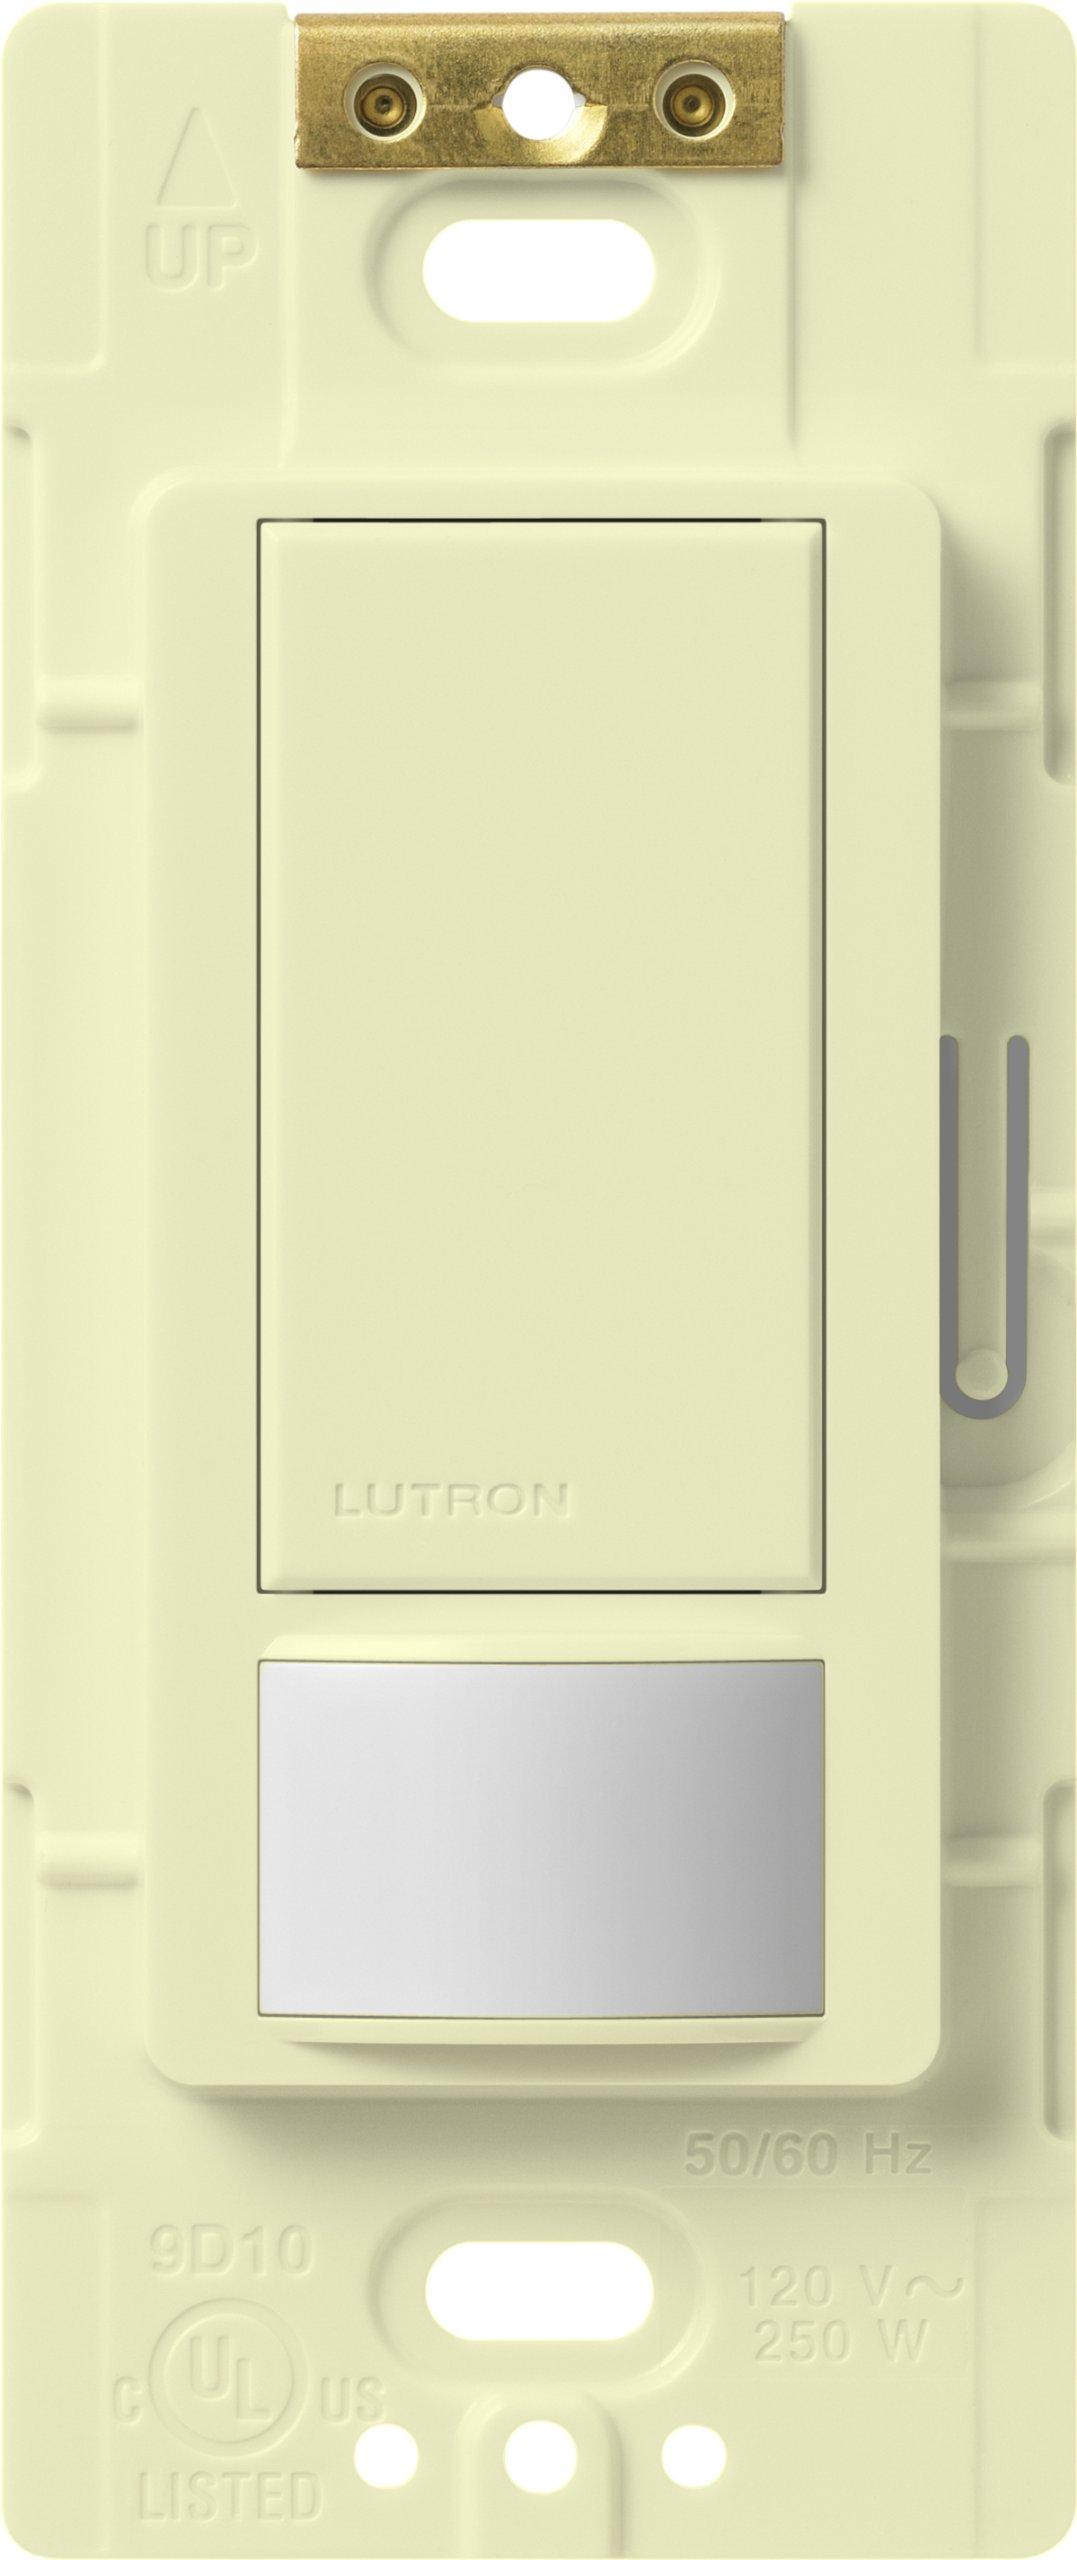 Lutron MS-VPS5M-AL Maestro 600 Watt Single Pole/3-Way Vacancy Sensor Switch, Almond